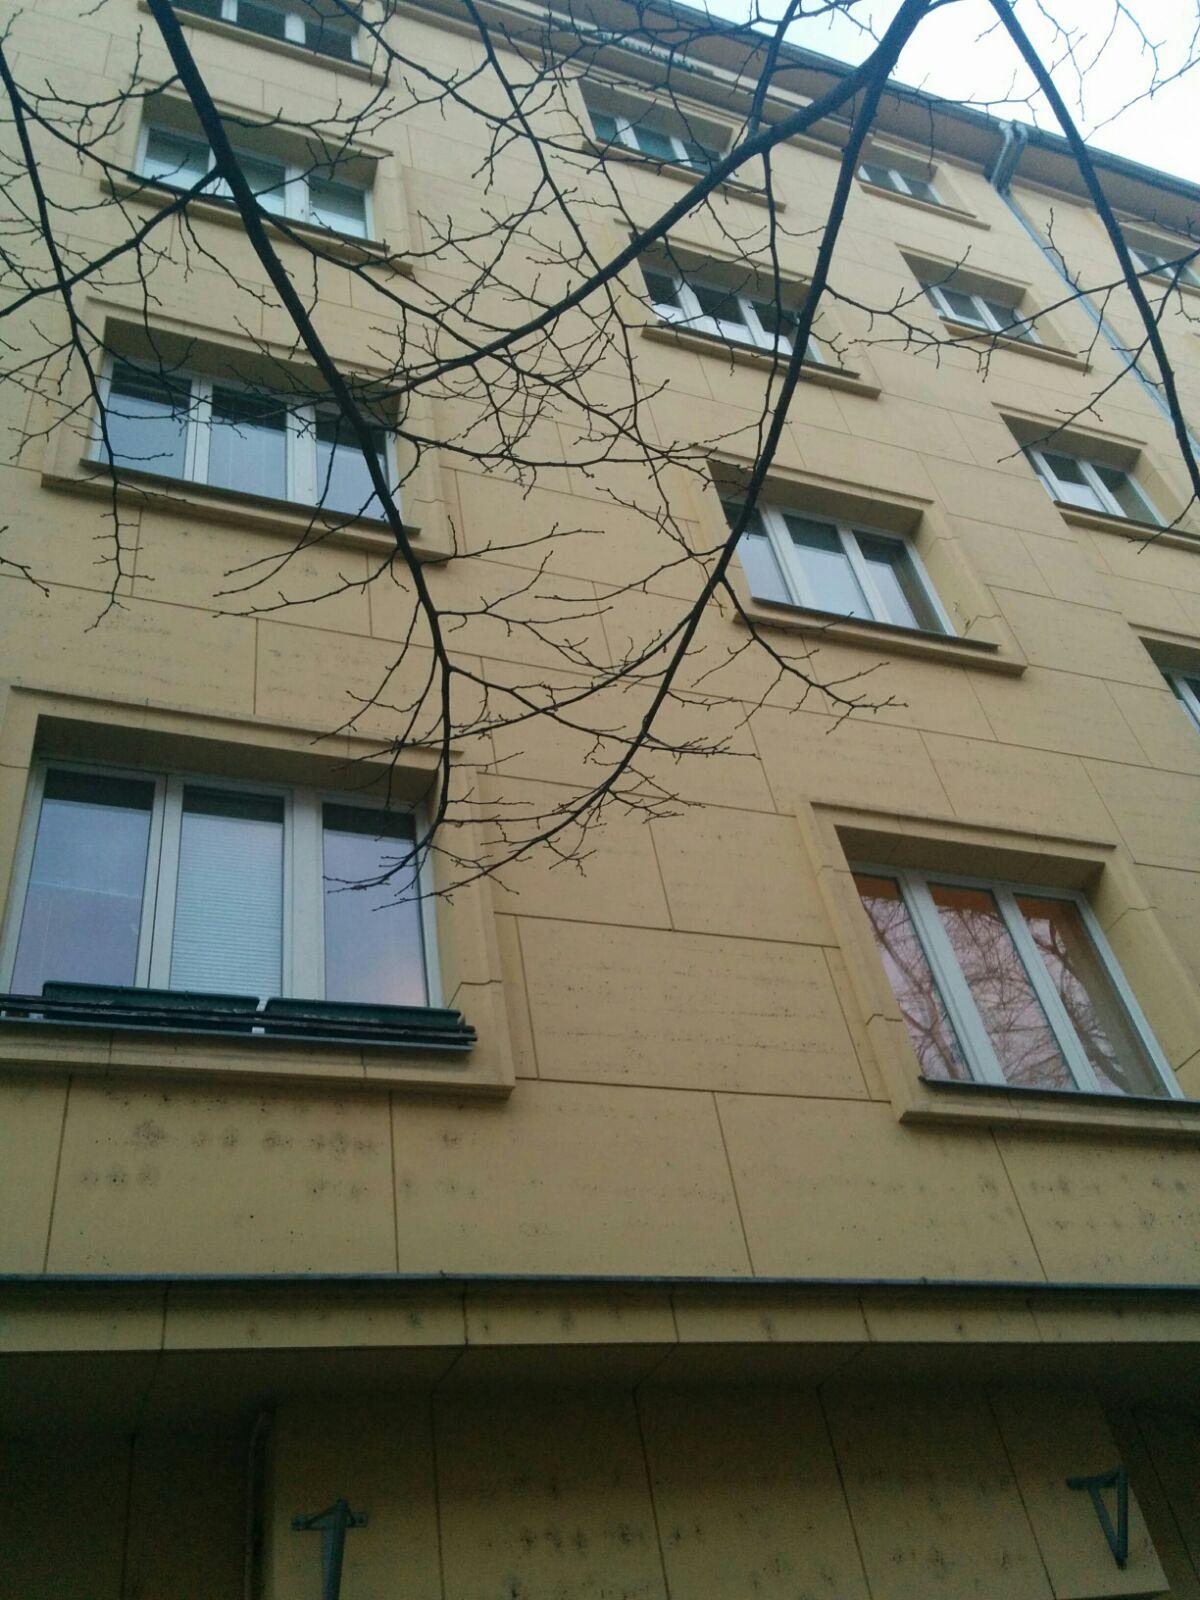 למכירה דירת 2 חדרים מתאימה להשקעה בשכונת זיזקוב פראג 3 -tt (4)